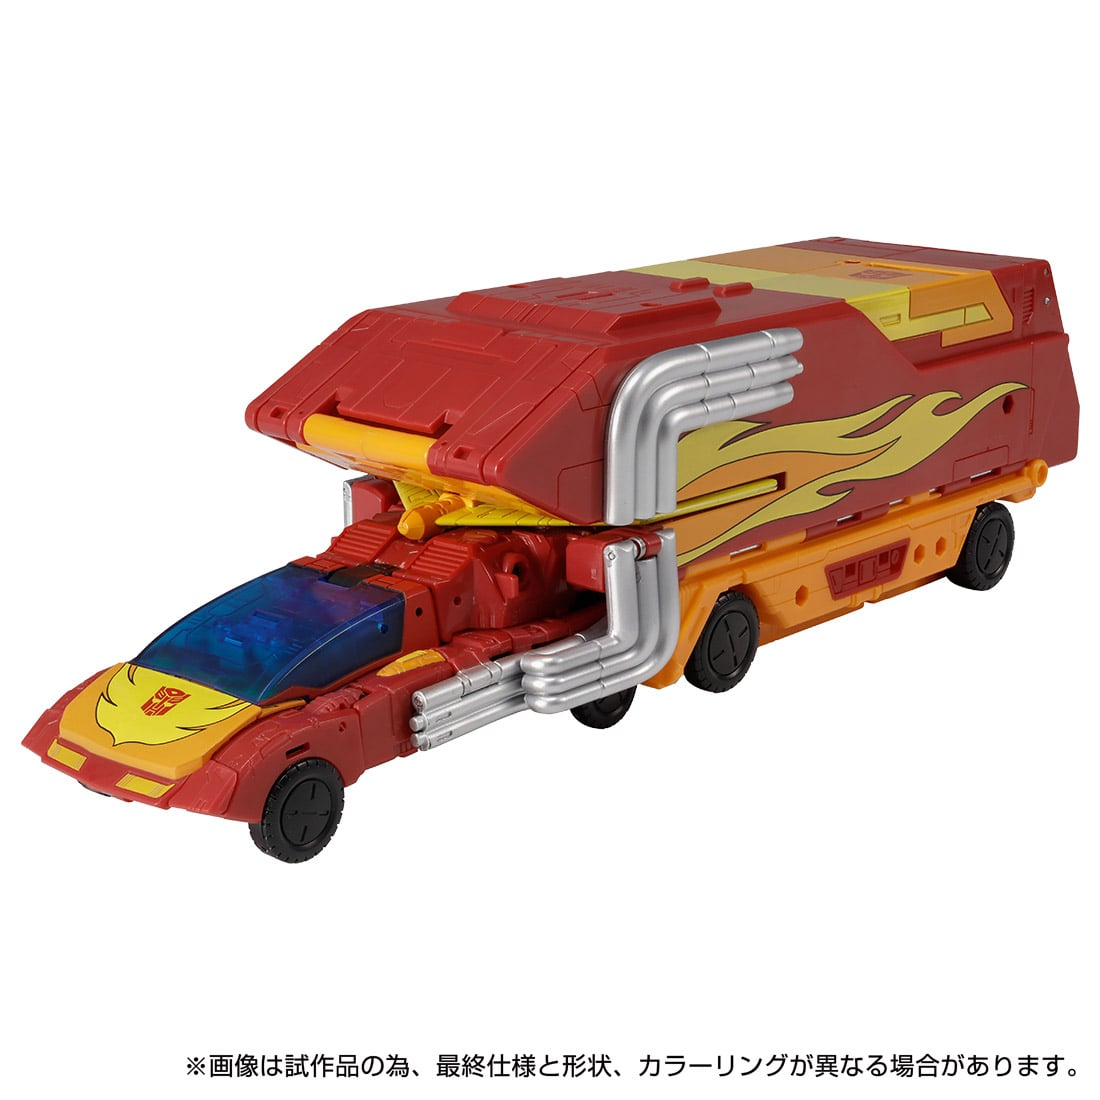 トランスフォーマー キングダム『KD-12 ロディマスプライム』可変可動フィギュア-002